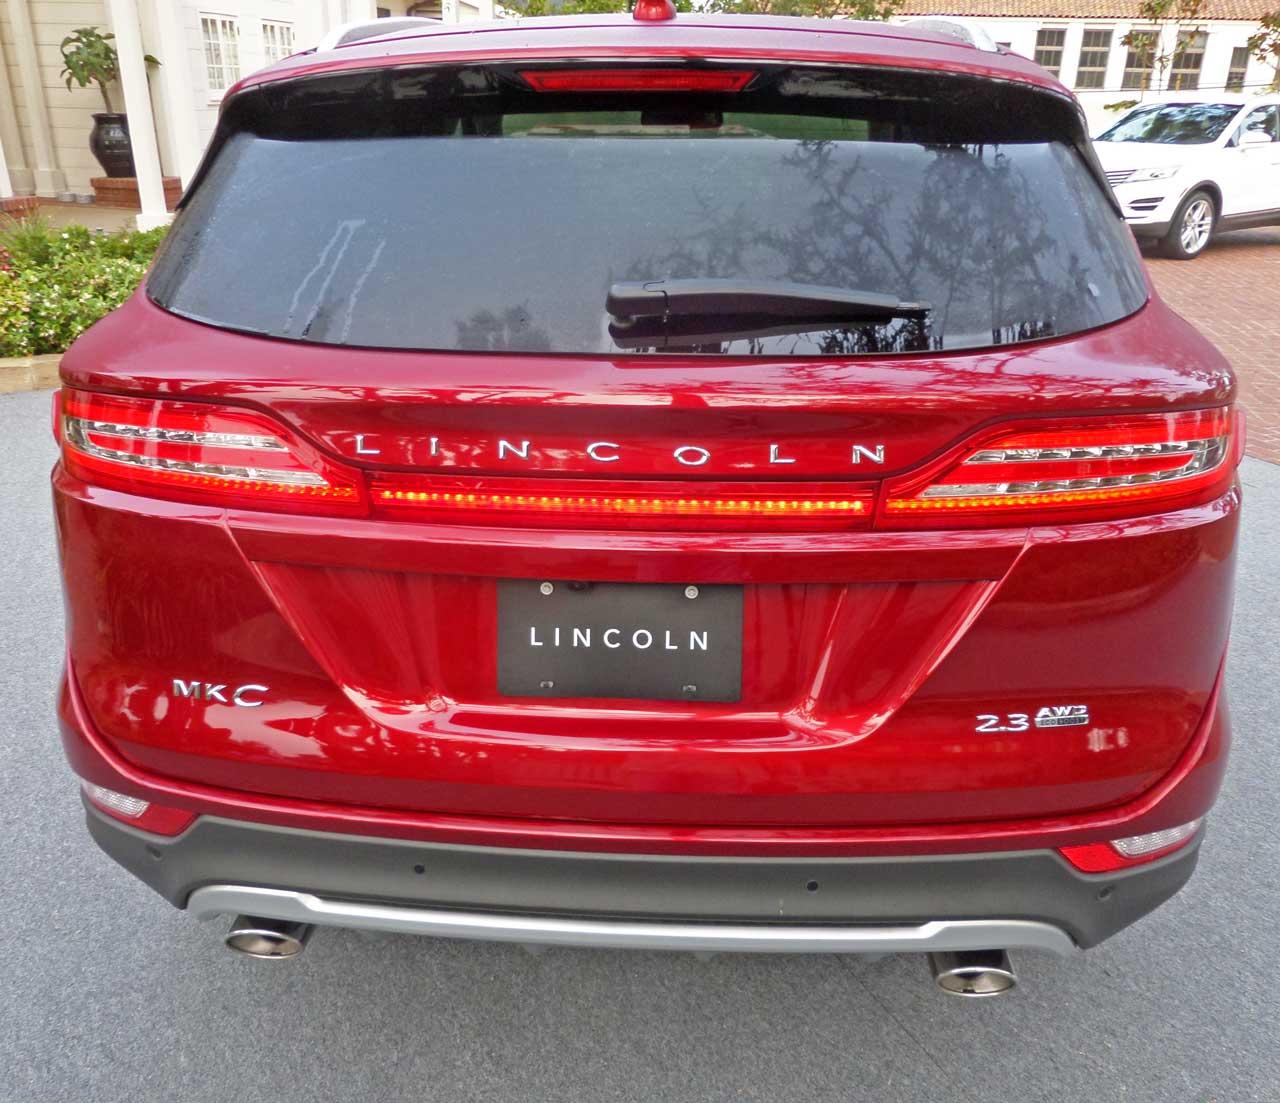 2015 Lincoln Mkz Suspension: 2015 Lincoln MKC Test Drive